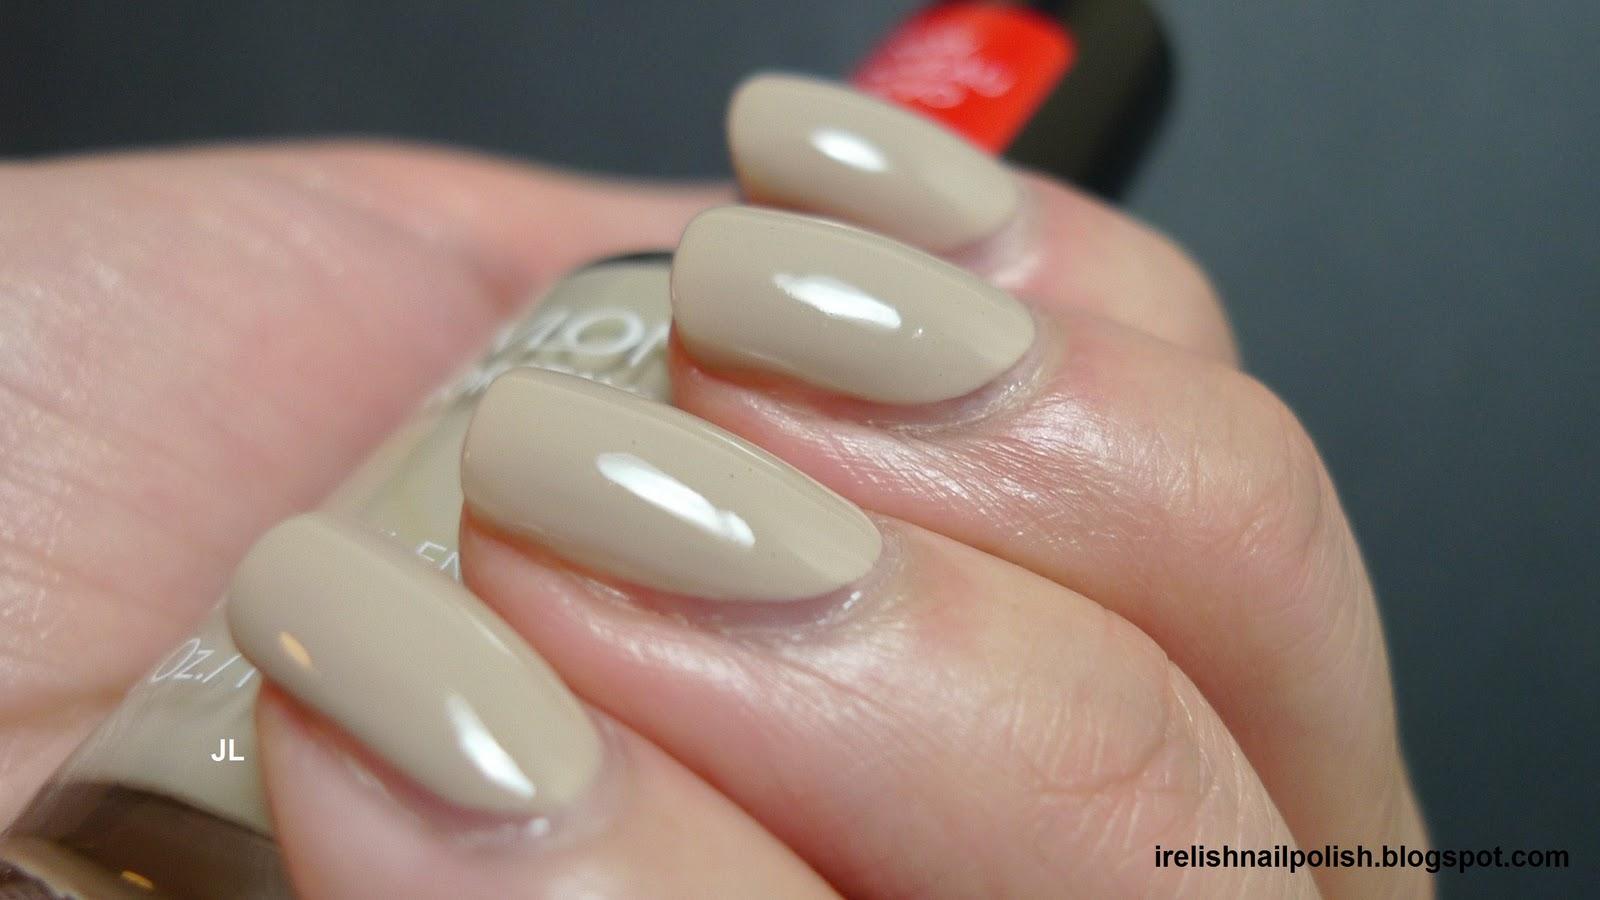 I Relish Nail Polish!: Revlon Colorstay Longwear - Bare Bones